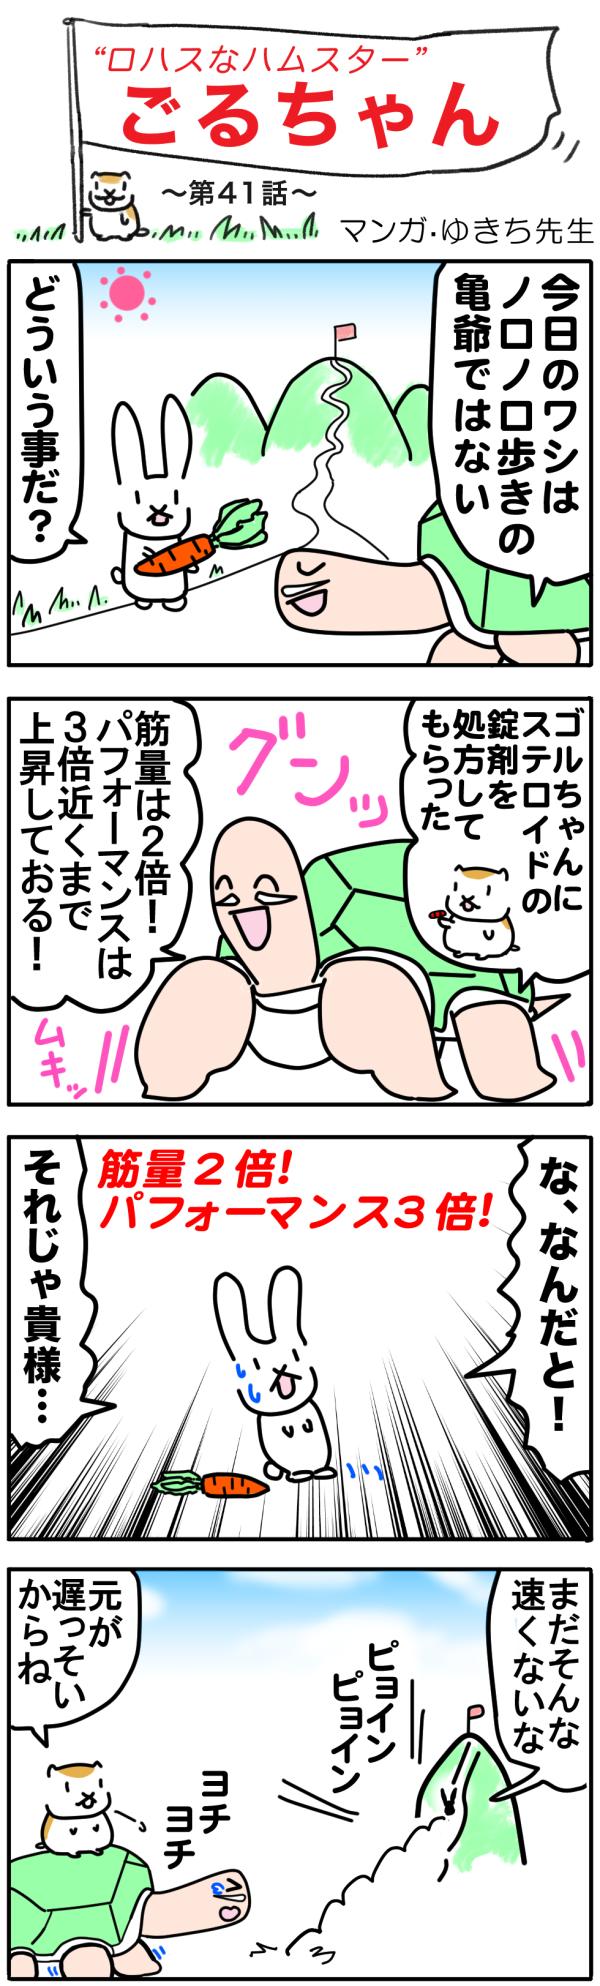 (修正版)ゴルちゃん